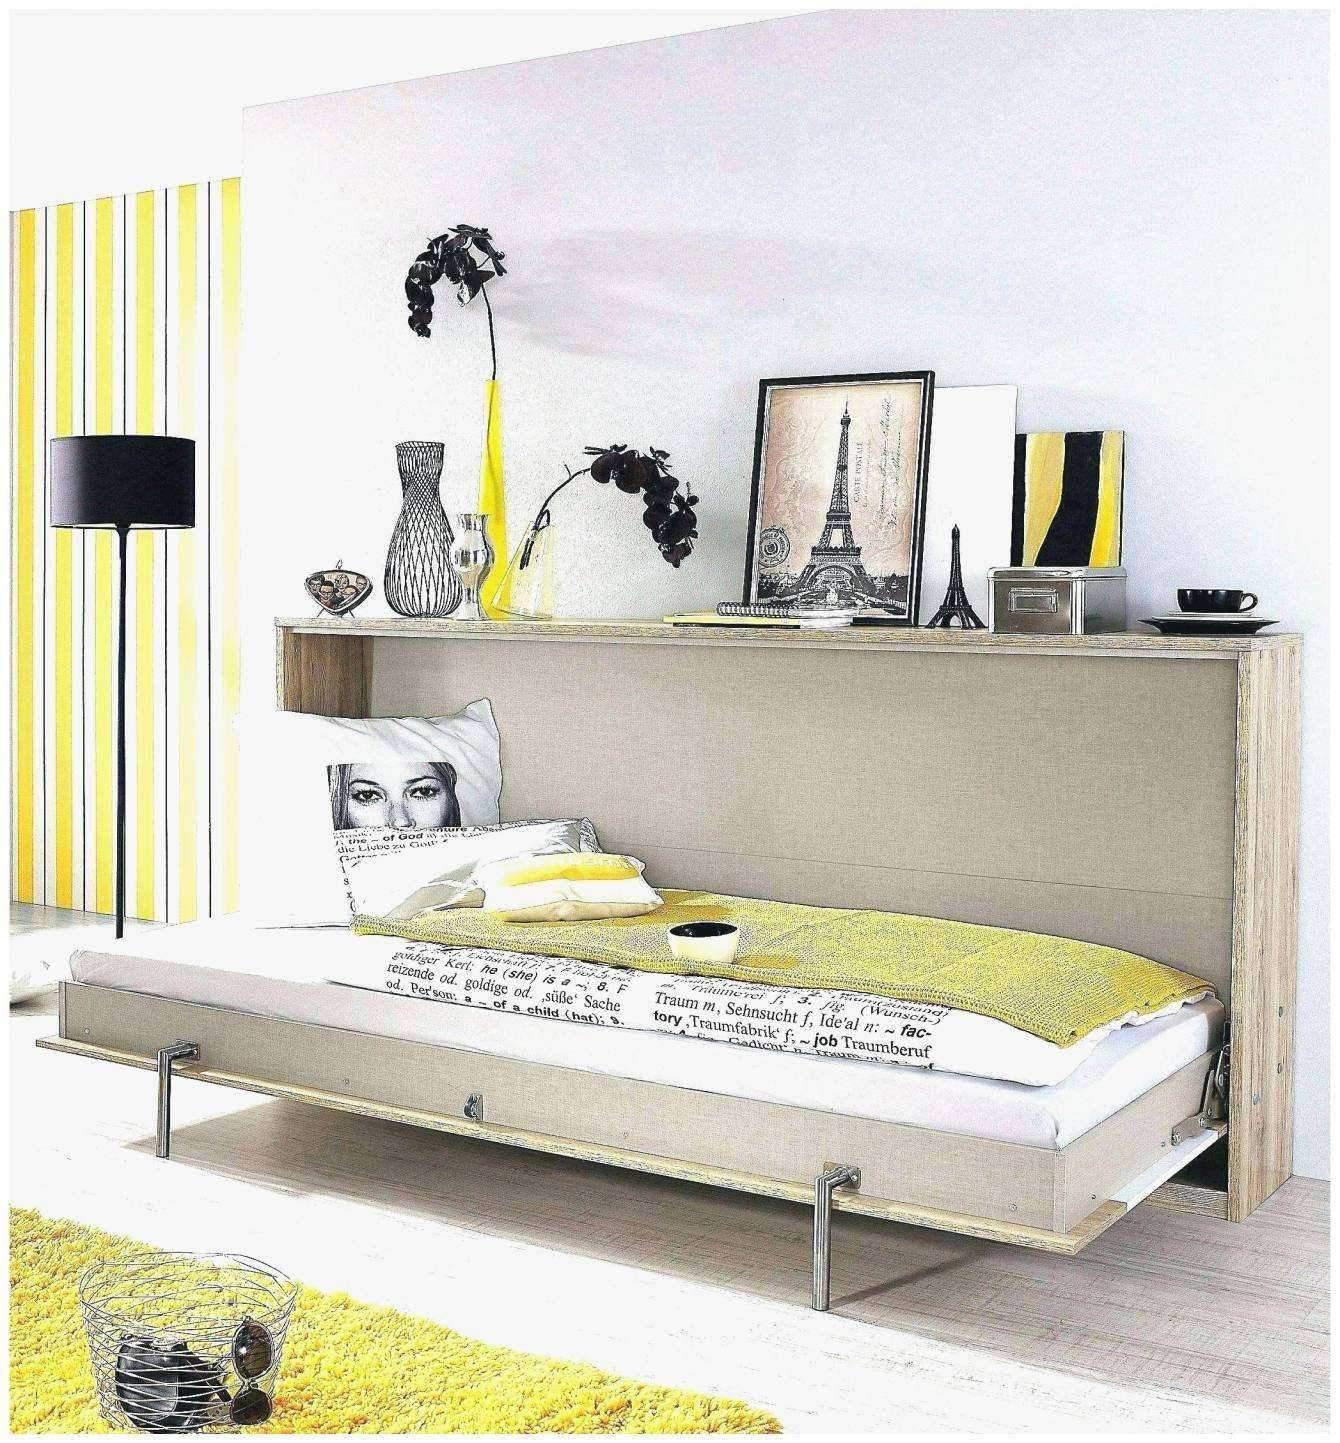 Kreative Wohnideen Selbst Gemacht Best Of Einrichtungsideen Wohnzimmer Modern Frisch Wohnzimmer Ideen